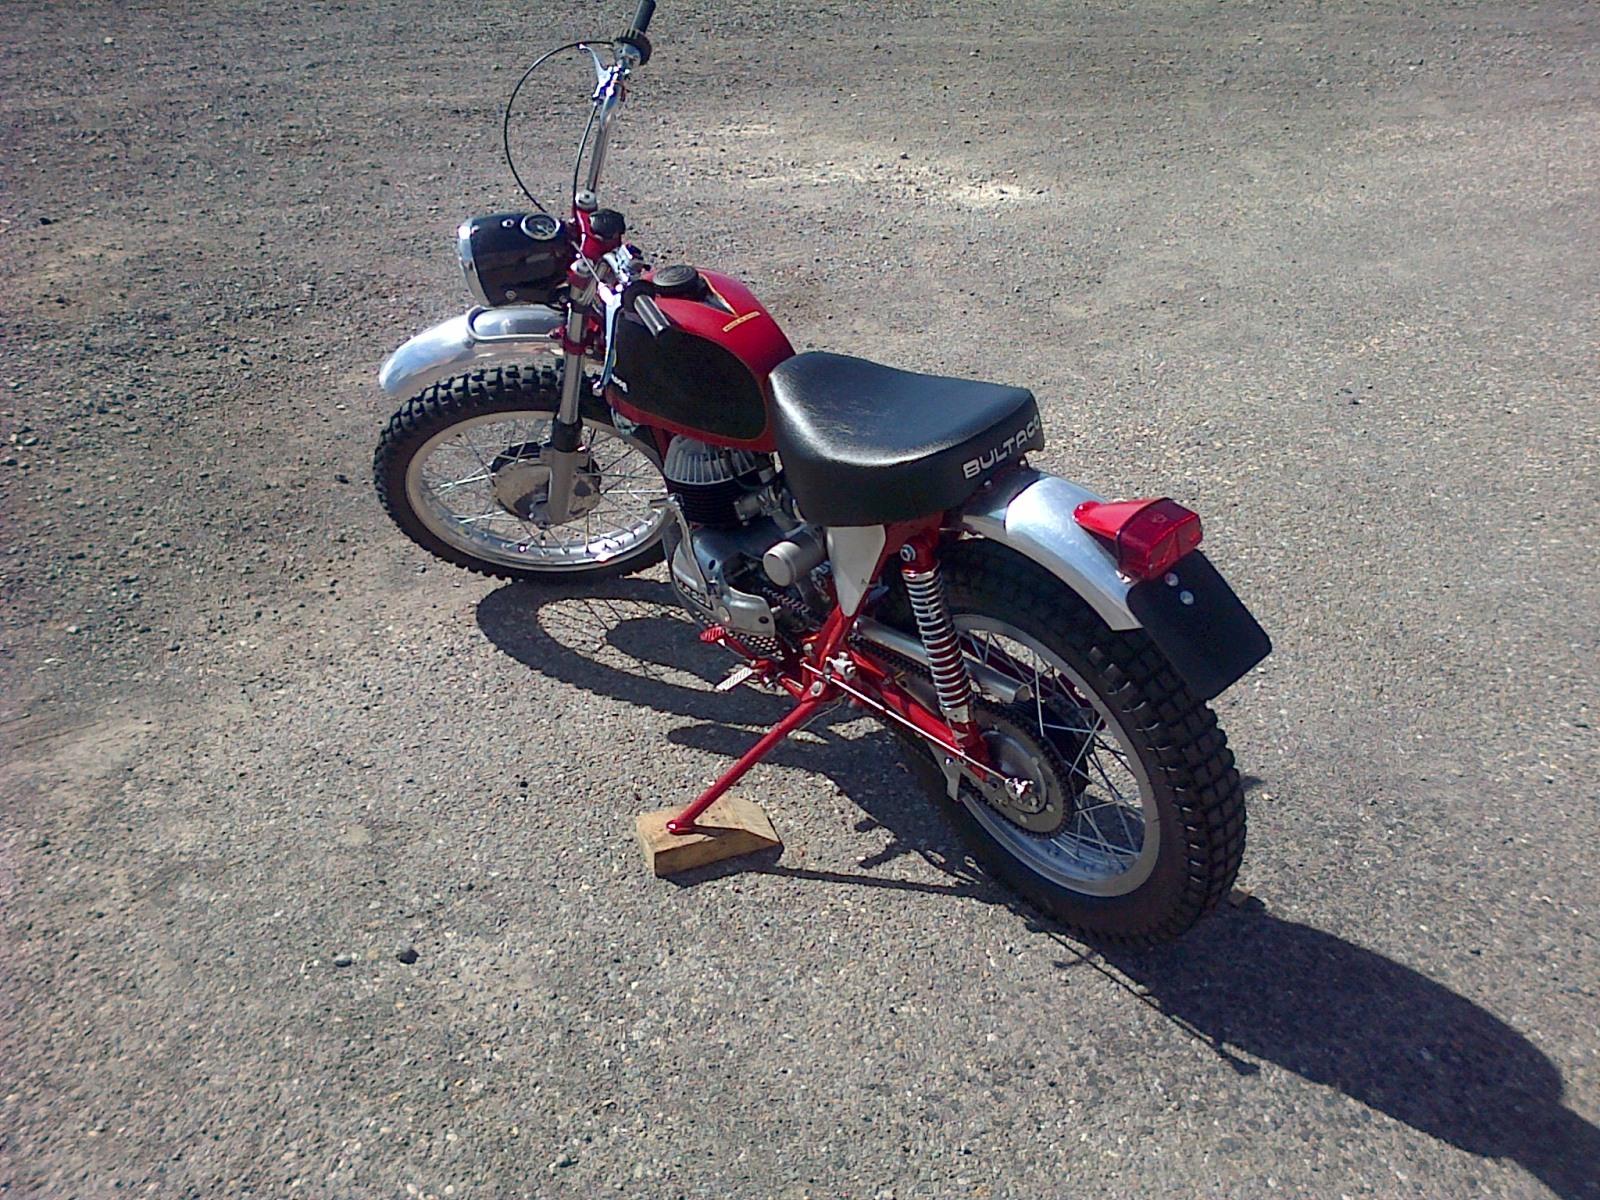 Bultaco Matador MK2 Mod. 16 en Venezuela 263ypmh